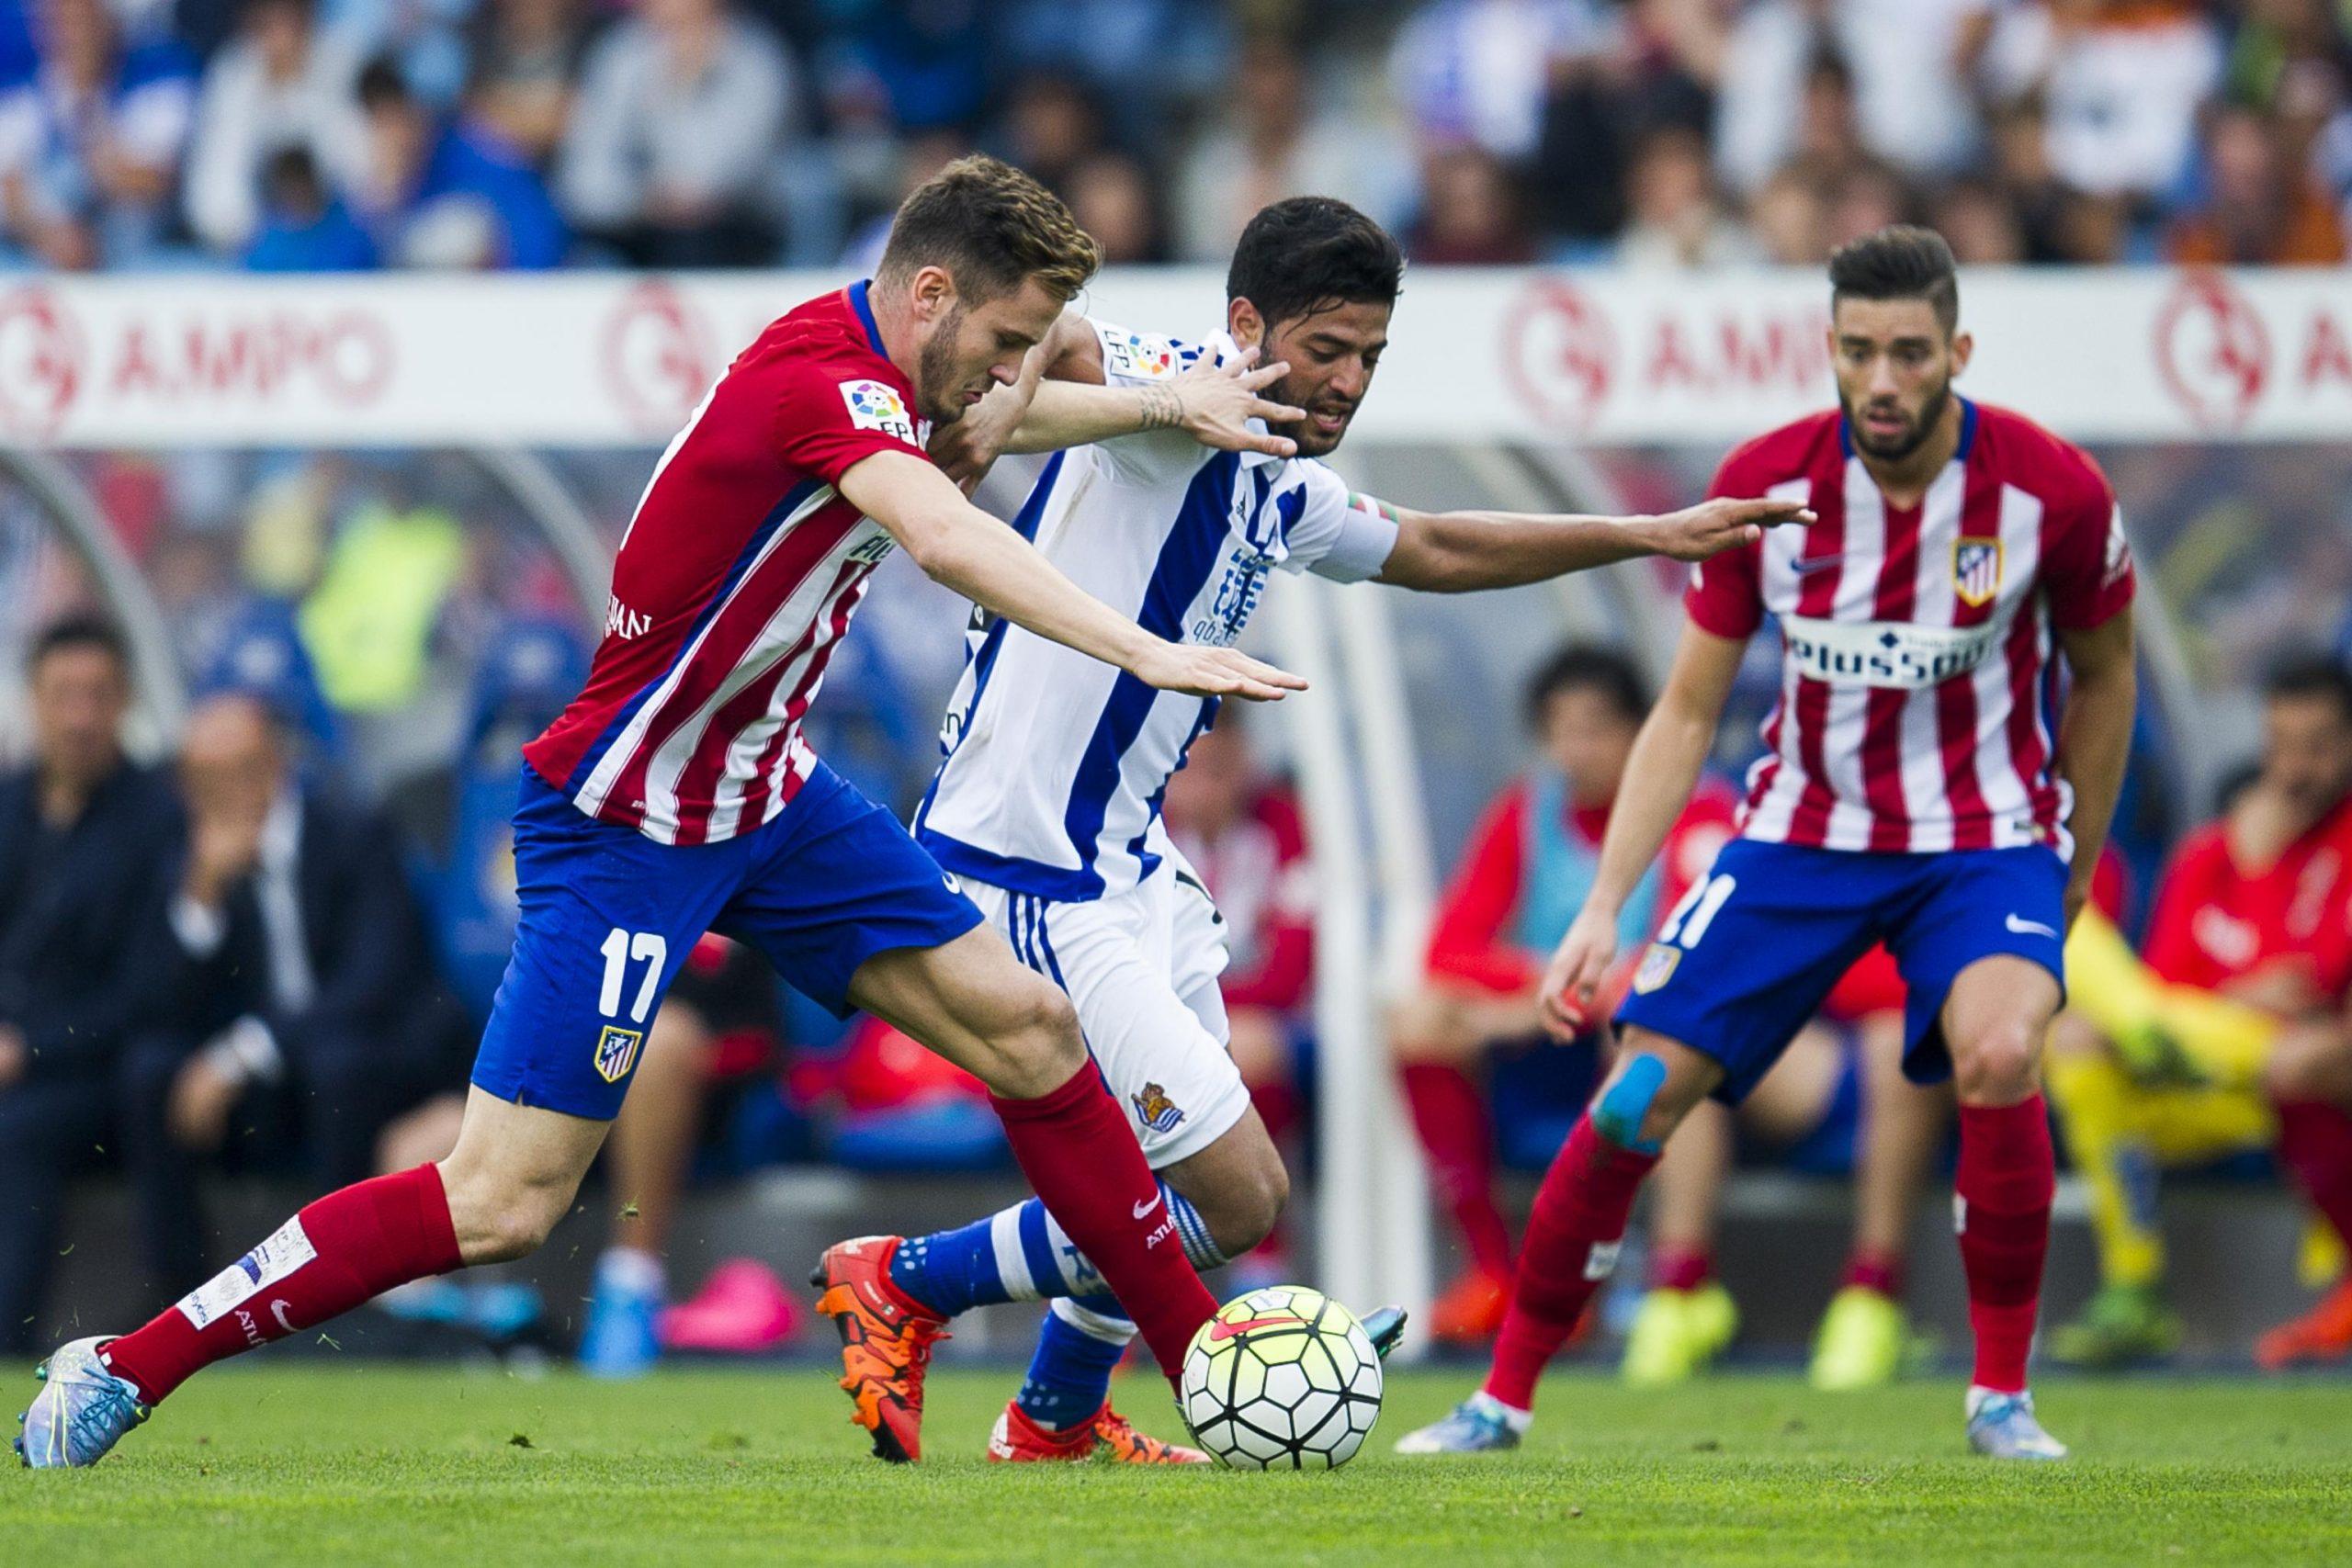 Soi keo Atletico Madrid vs Sociedad 13.5 2 scaled